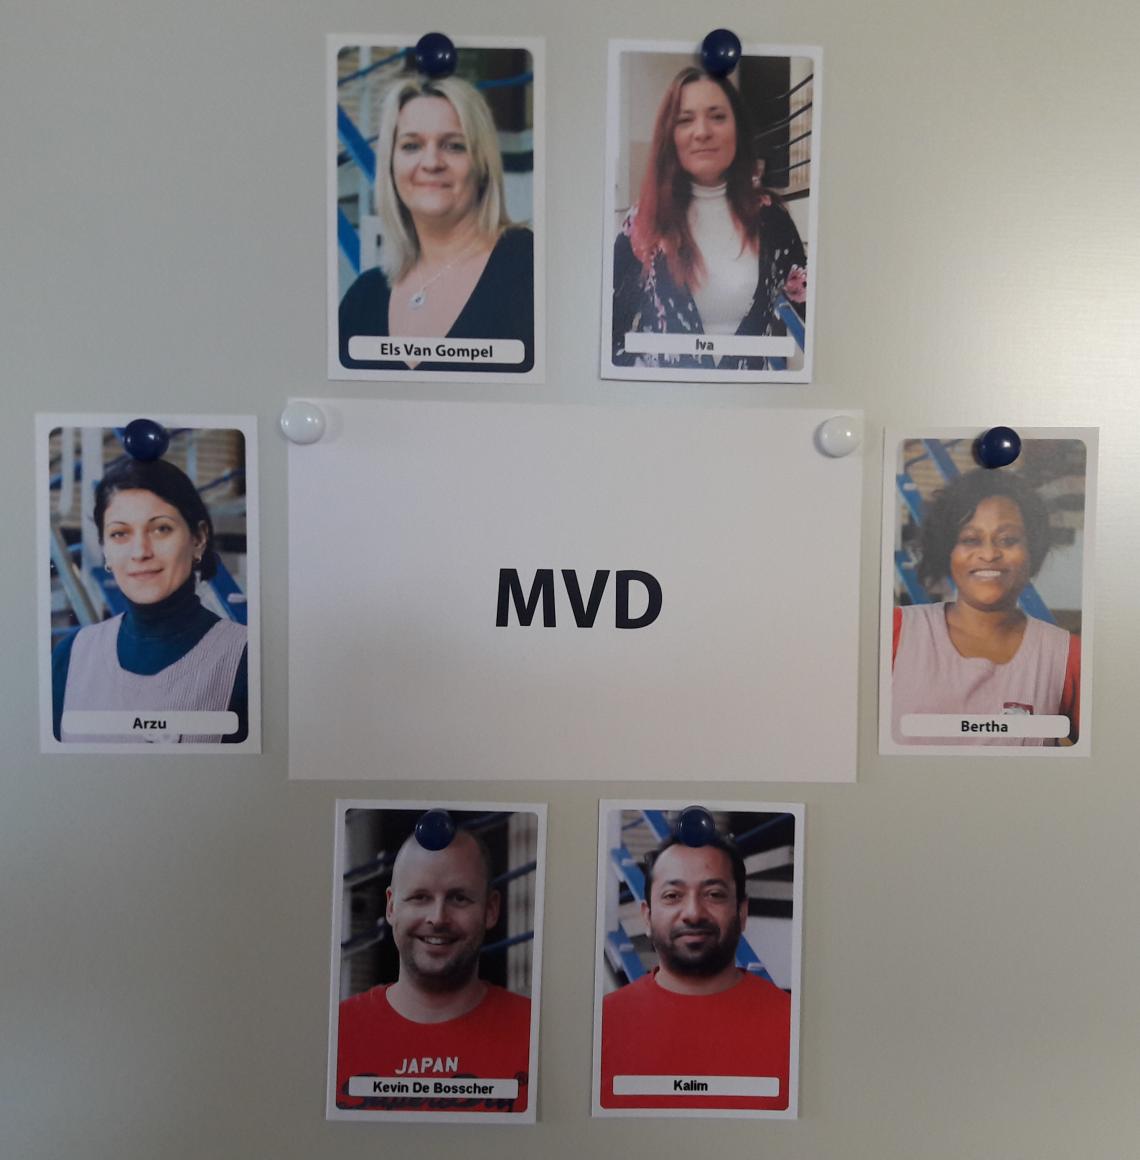 vakgroep mvd